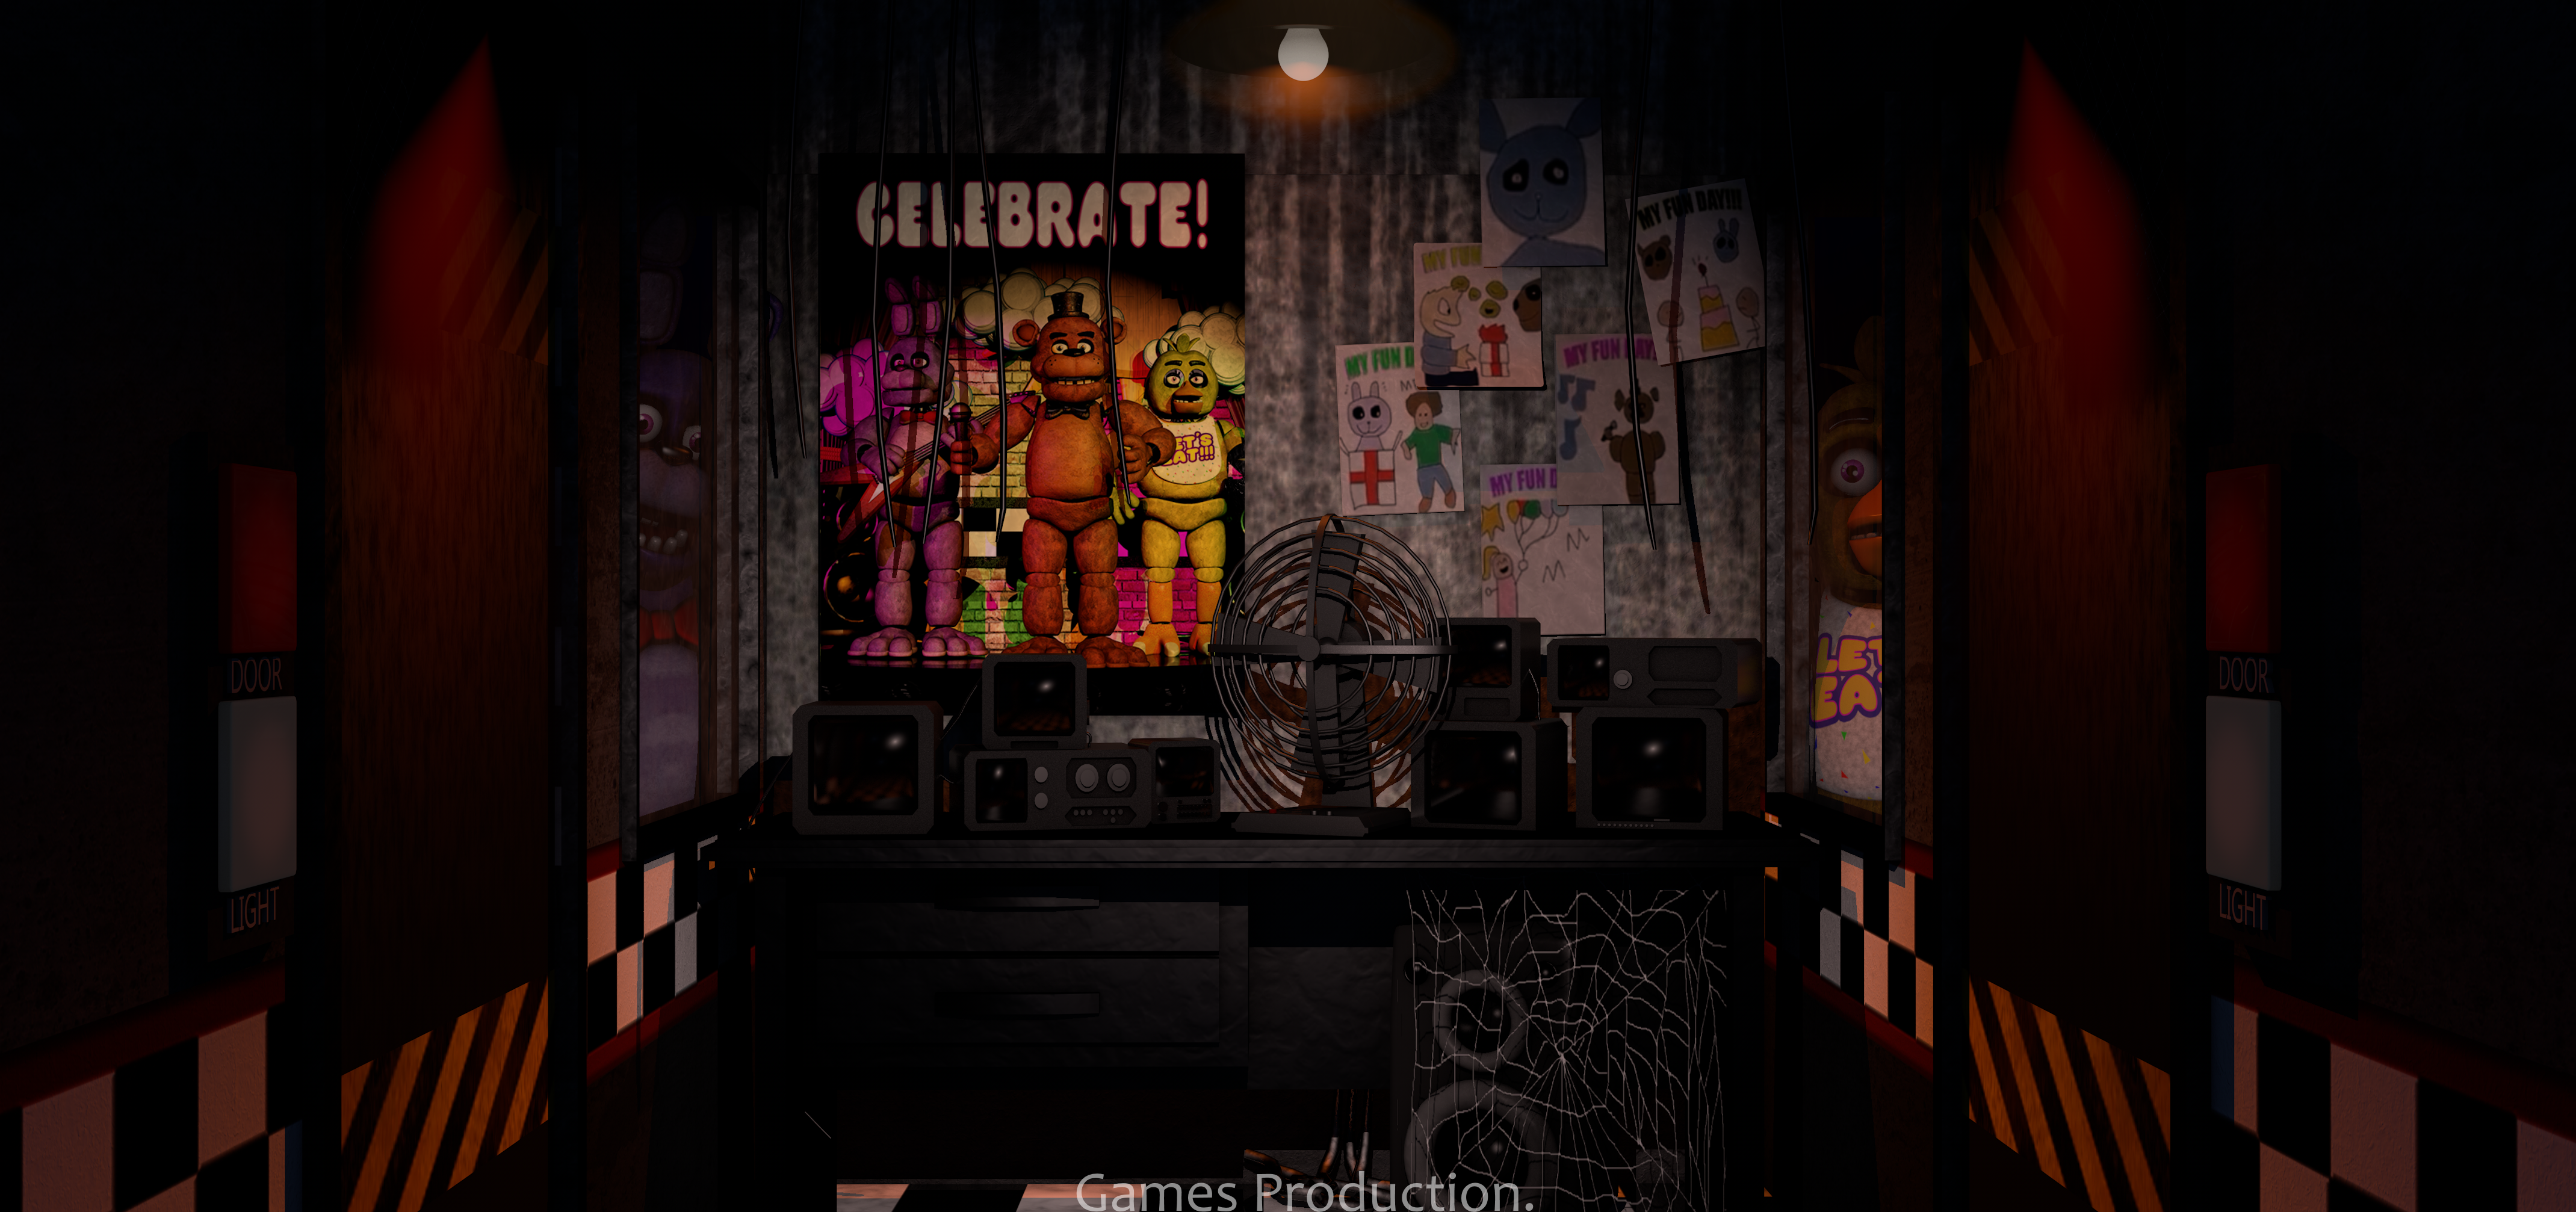 Lights Dining Room Fnaf 1 Office 4k By Gamesproduction On Deviantart